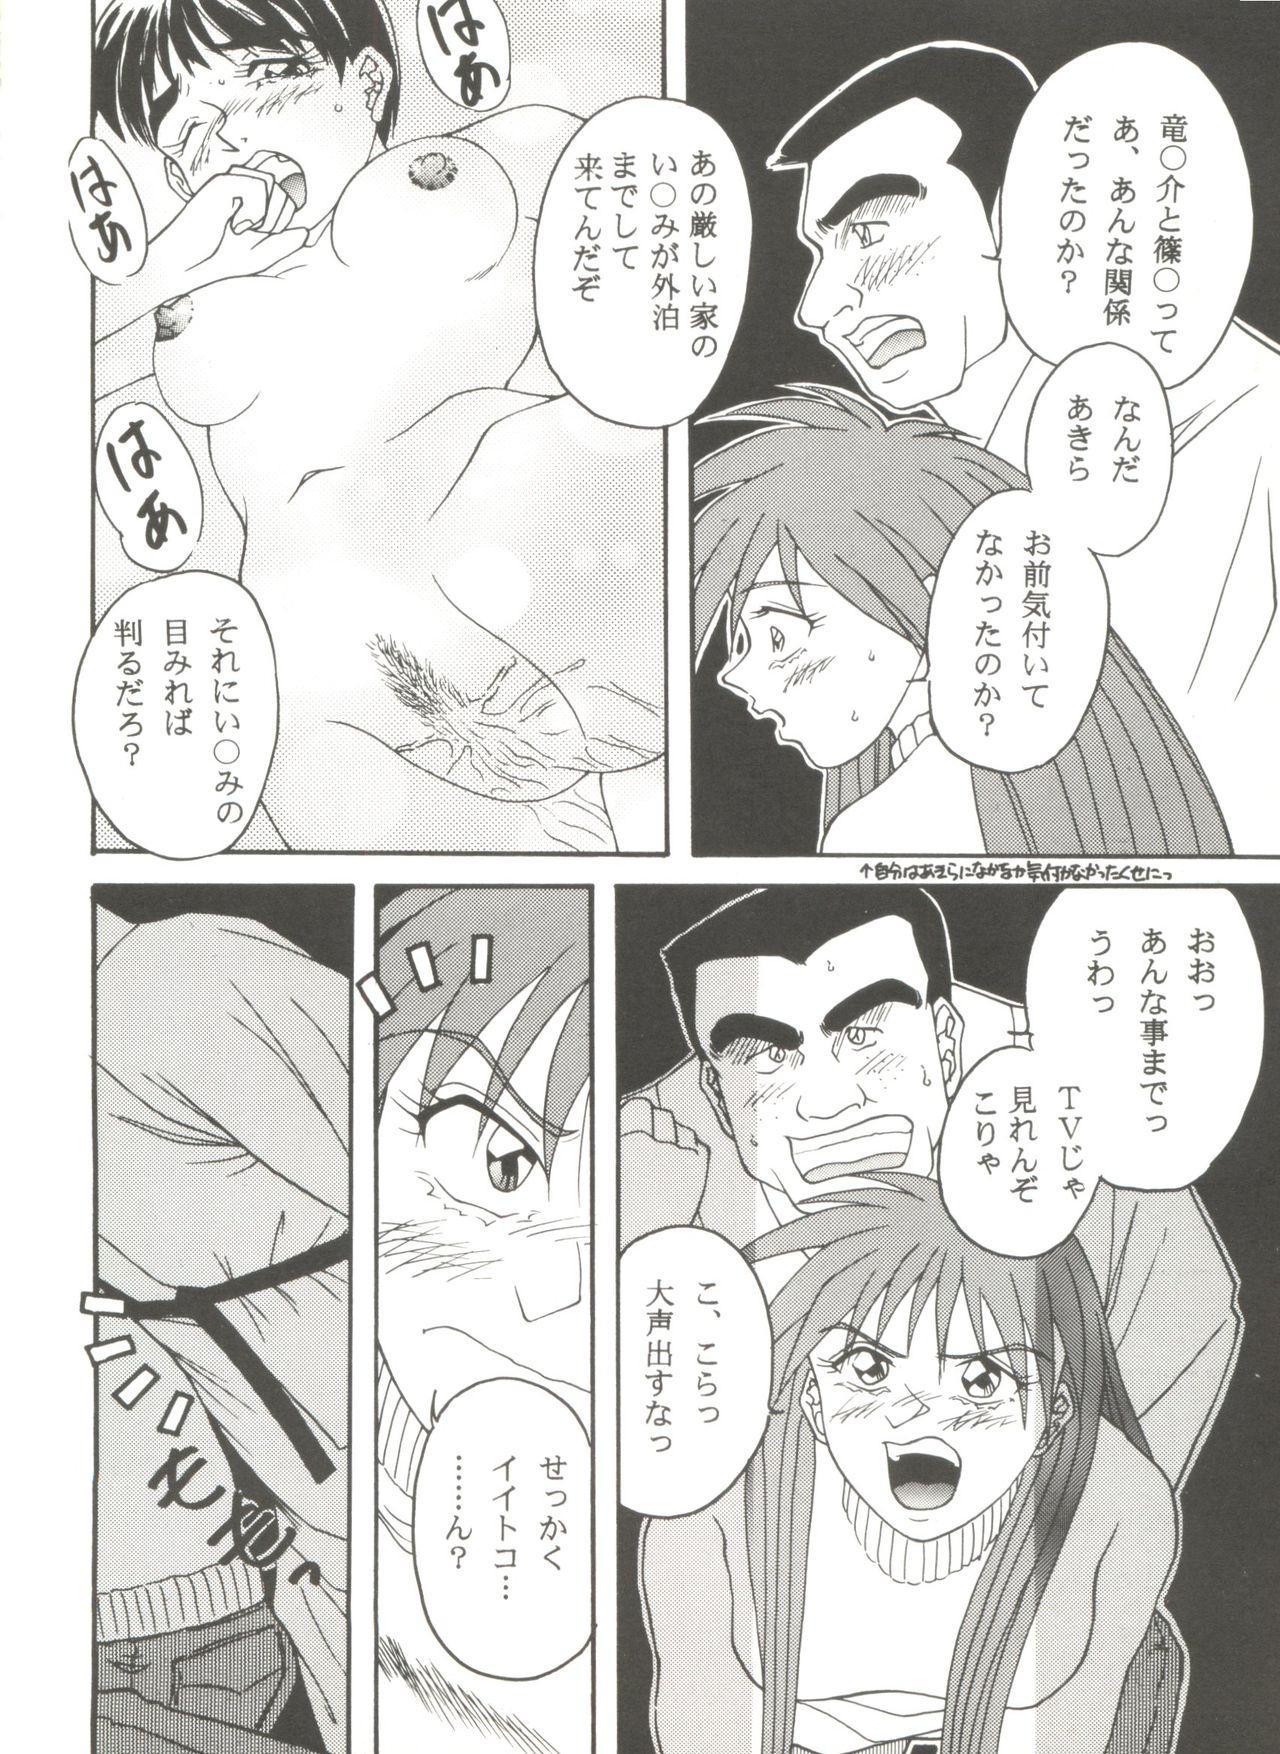 Doujin Anthology Bishoujo a La Carte 6 29